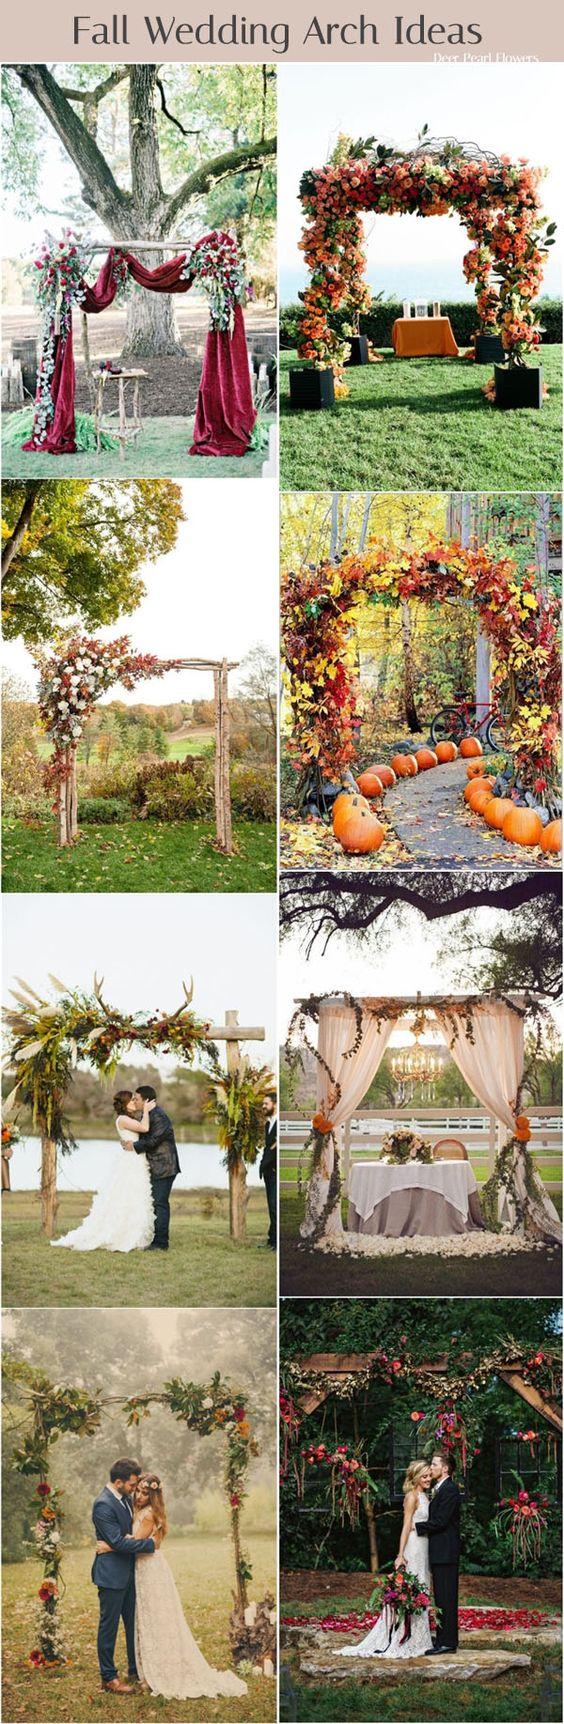 Φθινοπωρινός γάμος ιδέες8